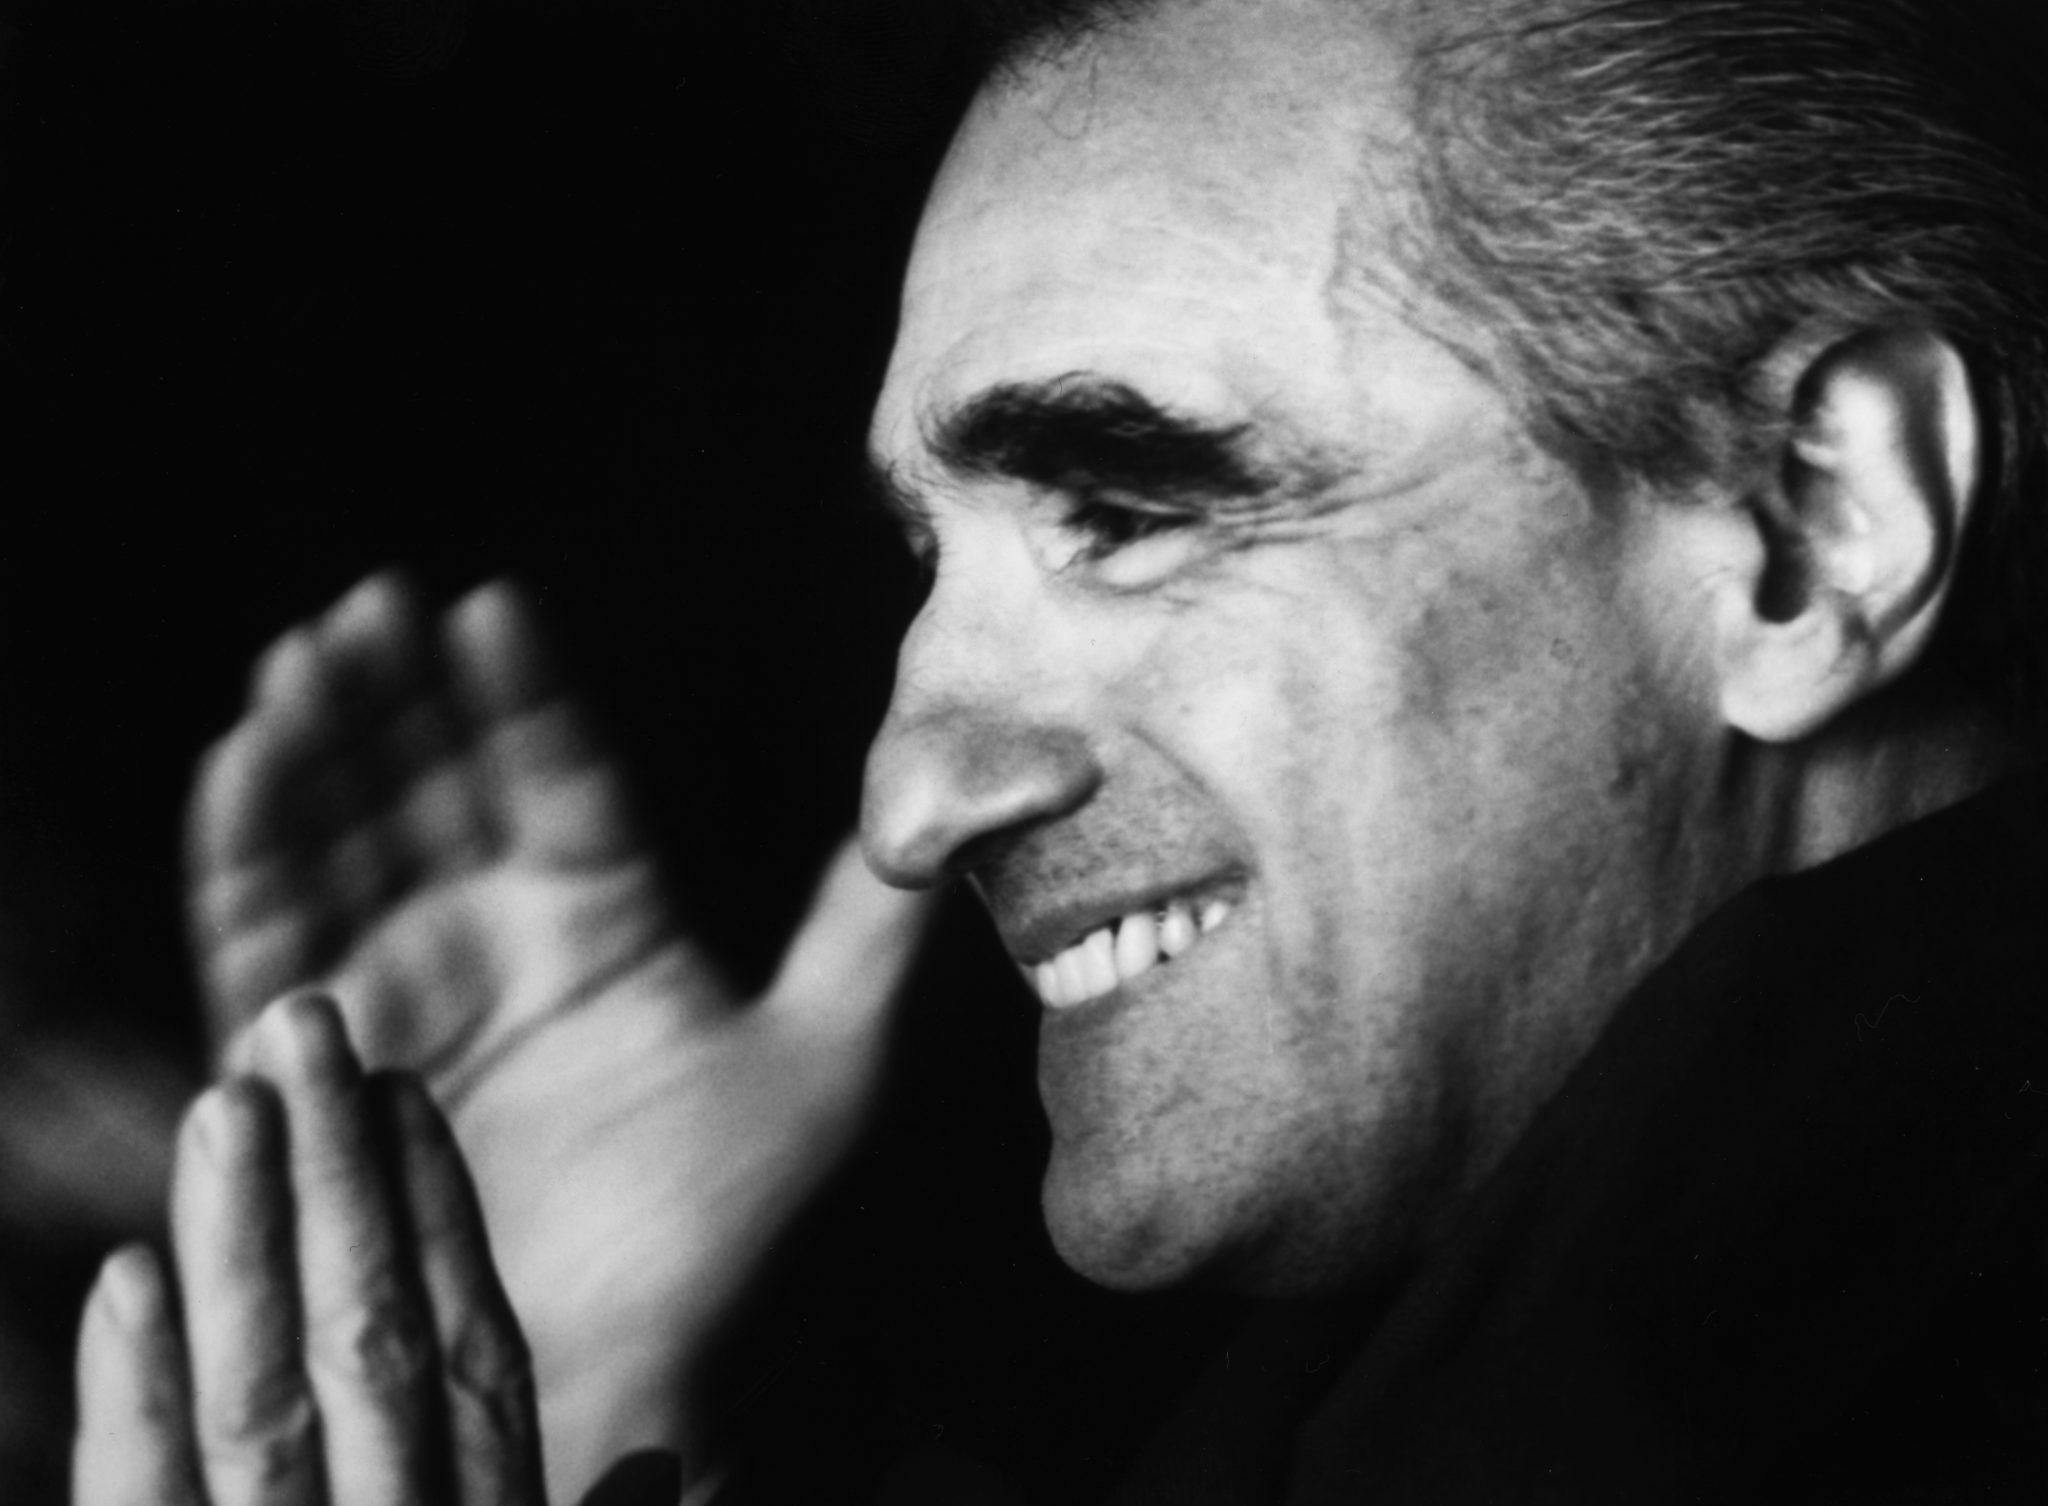 مارتین اسکورسیزی - کارگردان